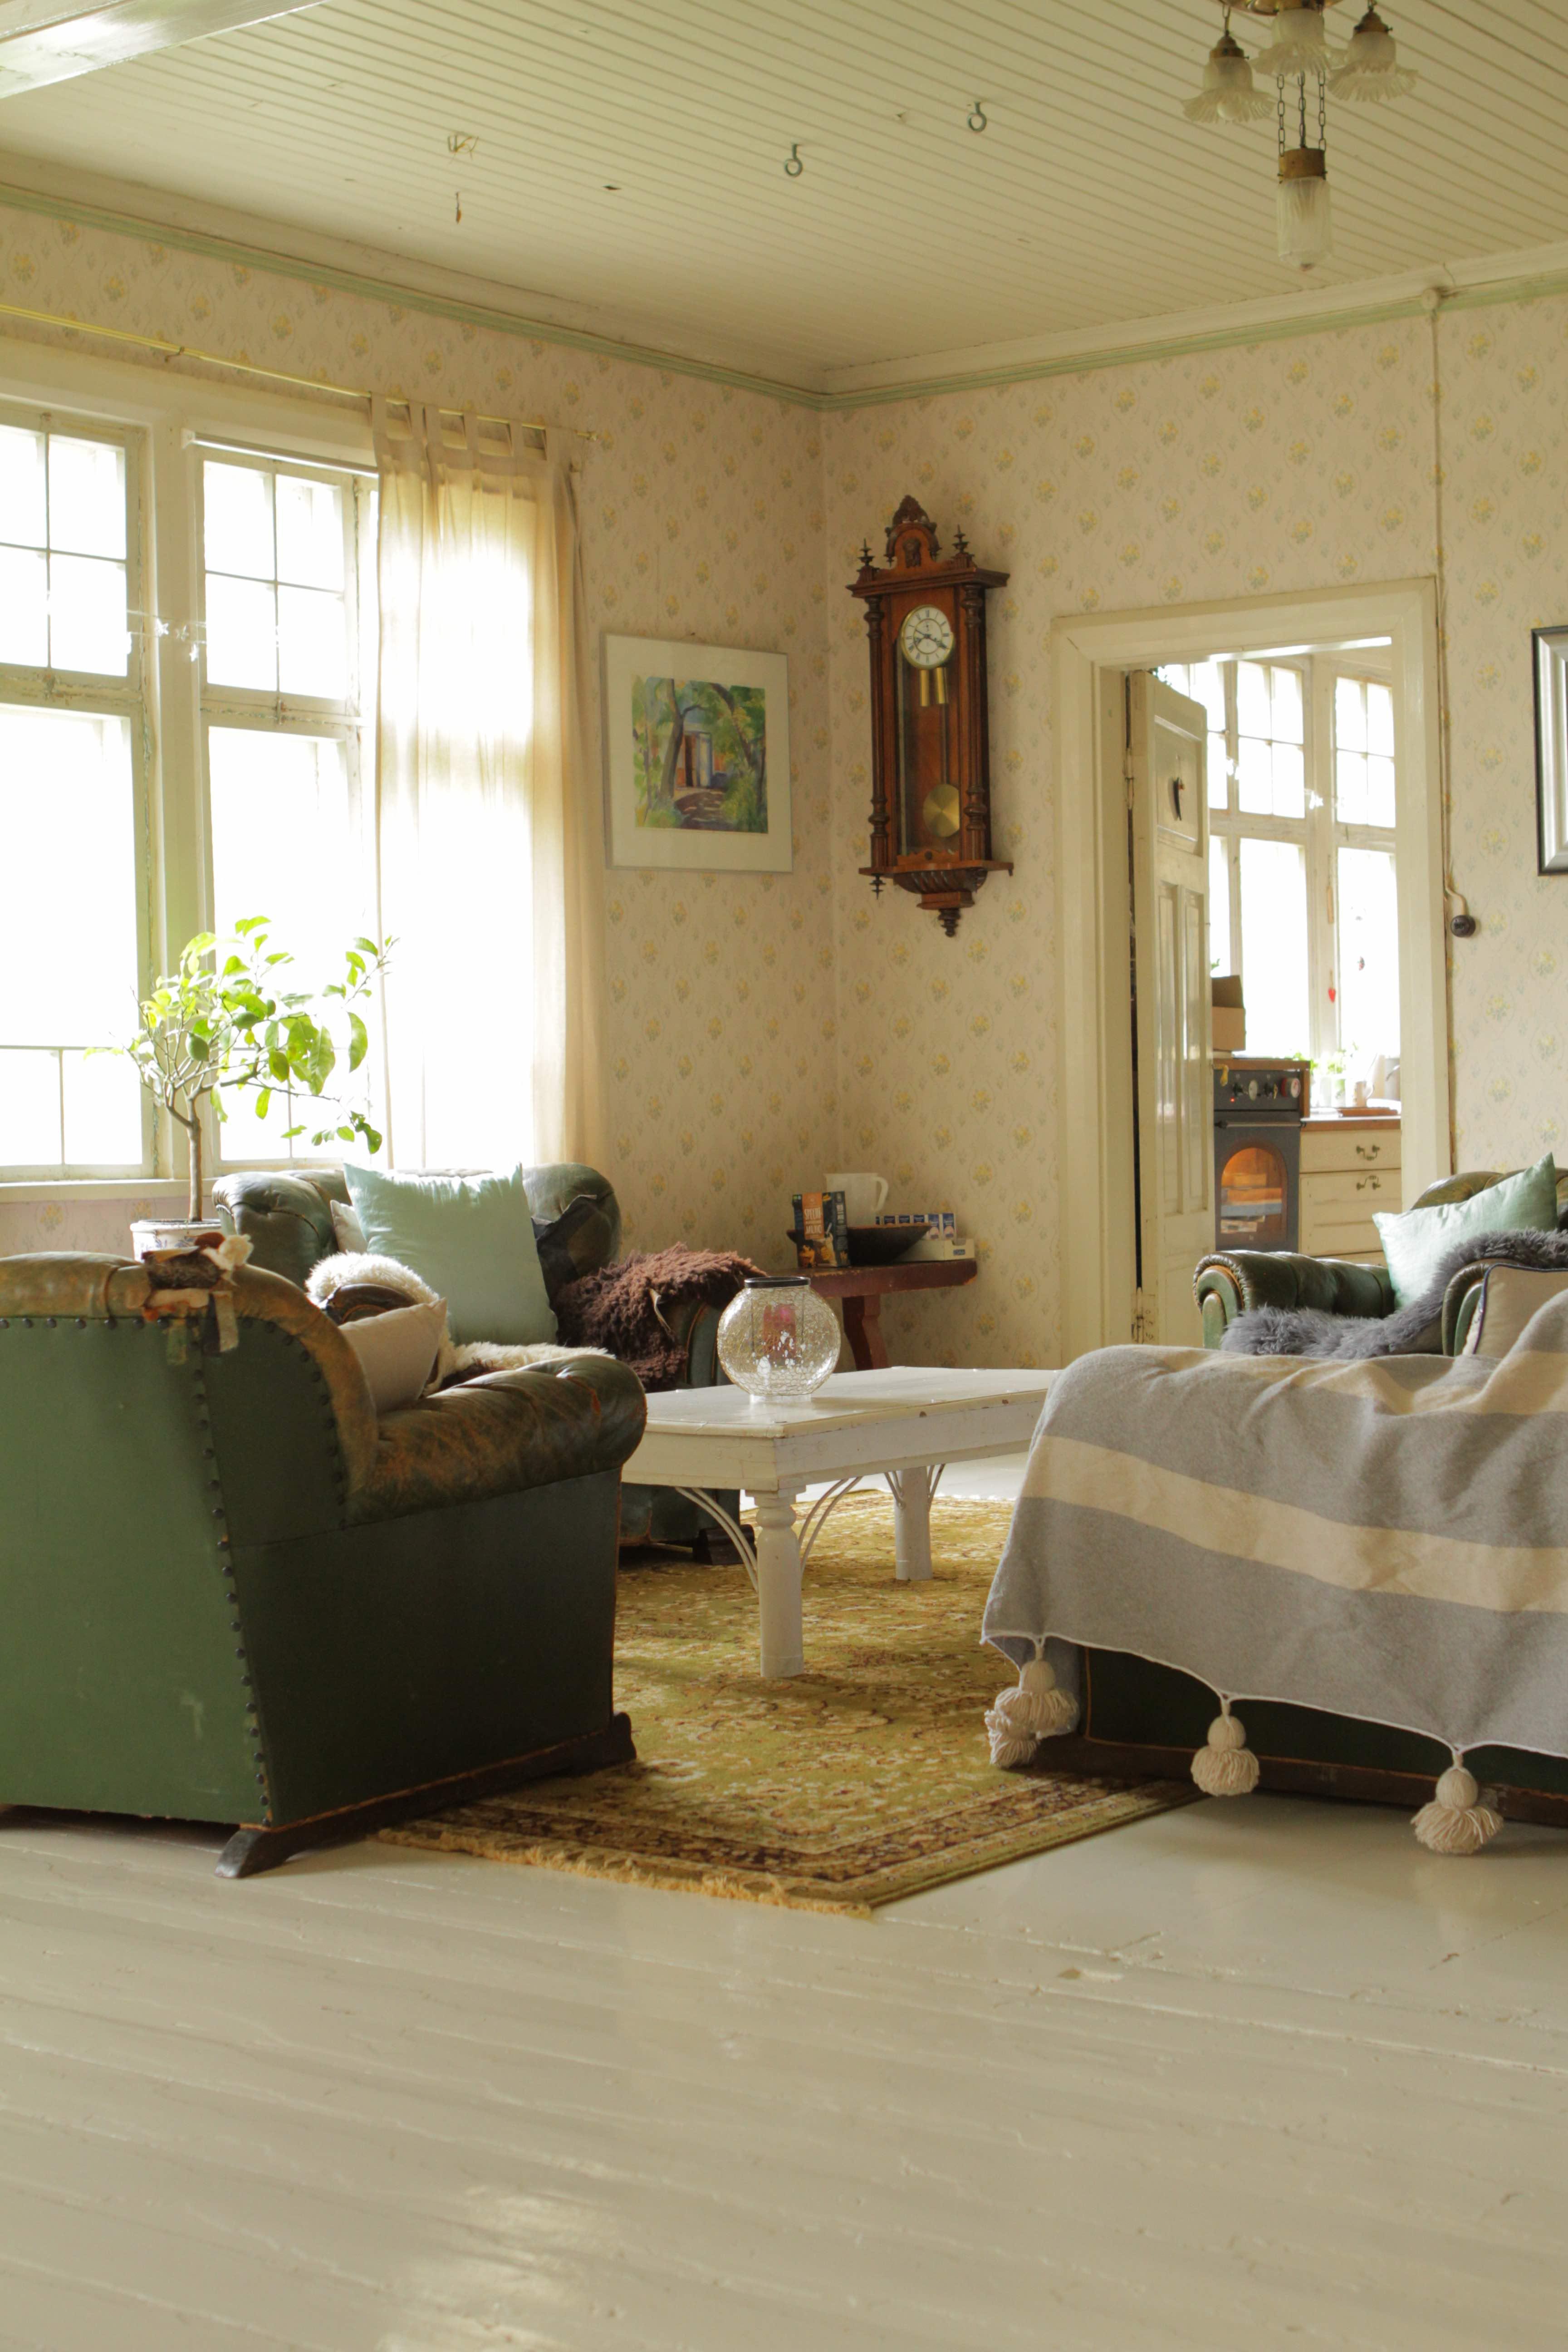 living room, old house, old house decoration, maalaisromanttinen sisustus, sisustusidea, sohva, sohvan peite, sohvatuoli, vanha sohvaryhmä, chippendale sohva